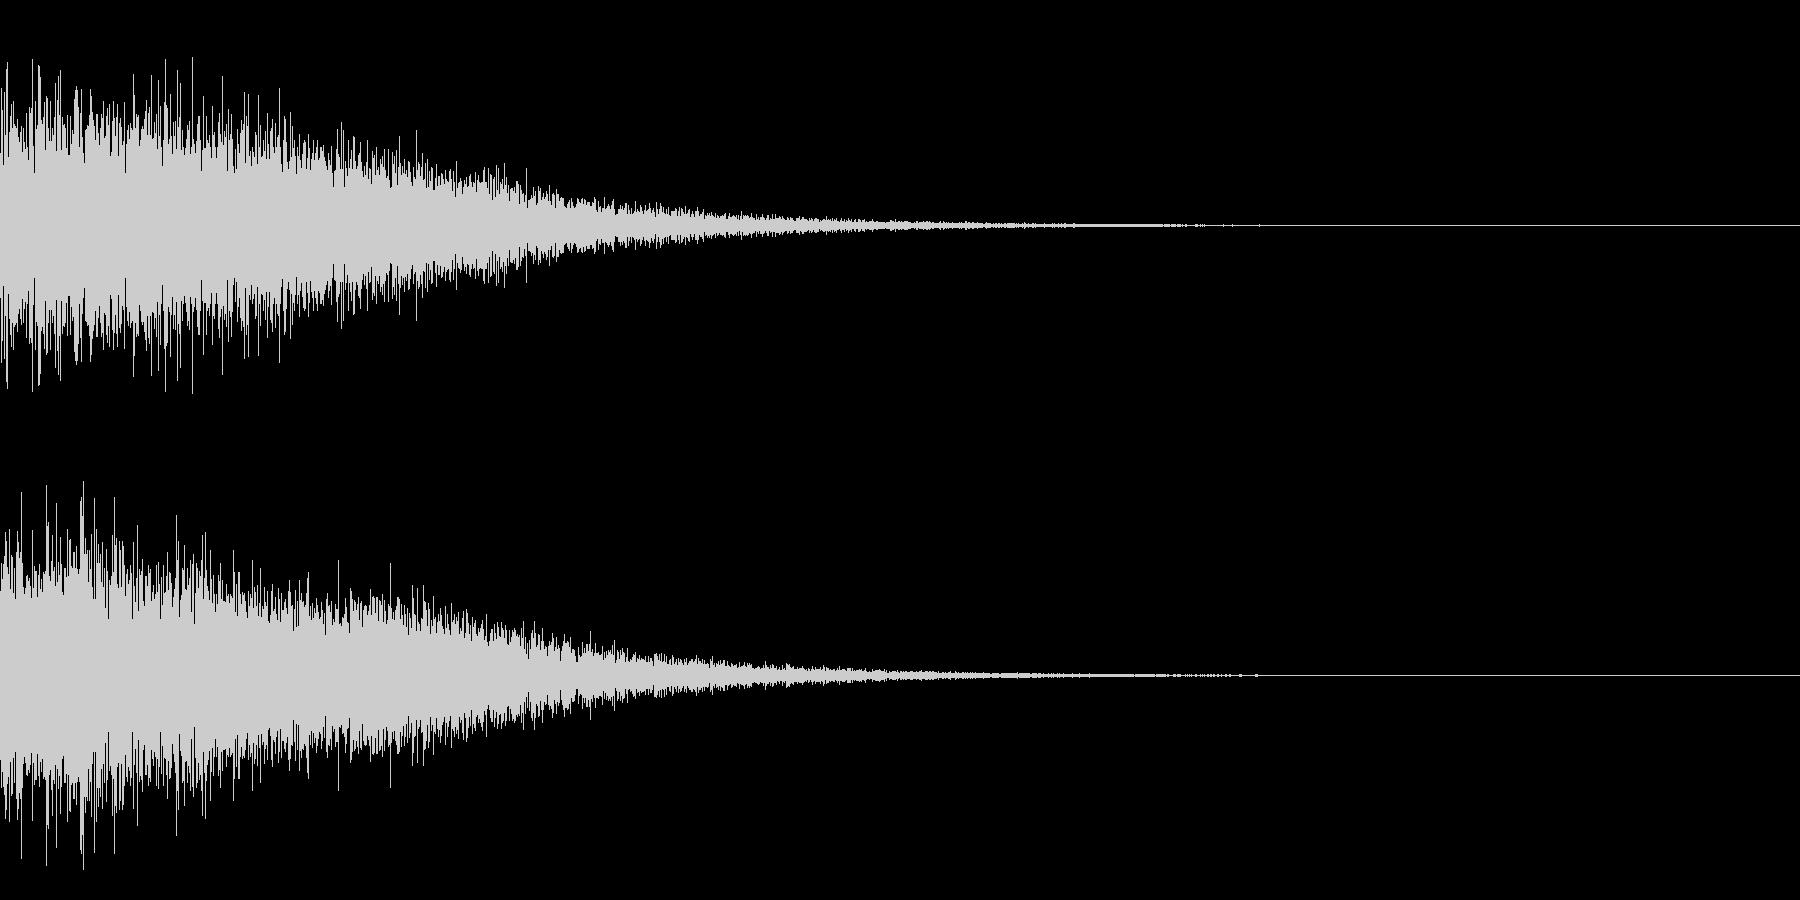 鉄が当たったときの衝撃音(ドーン)の未再生の波形